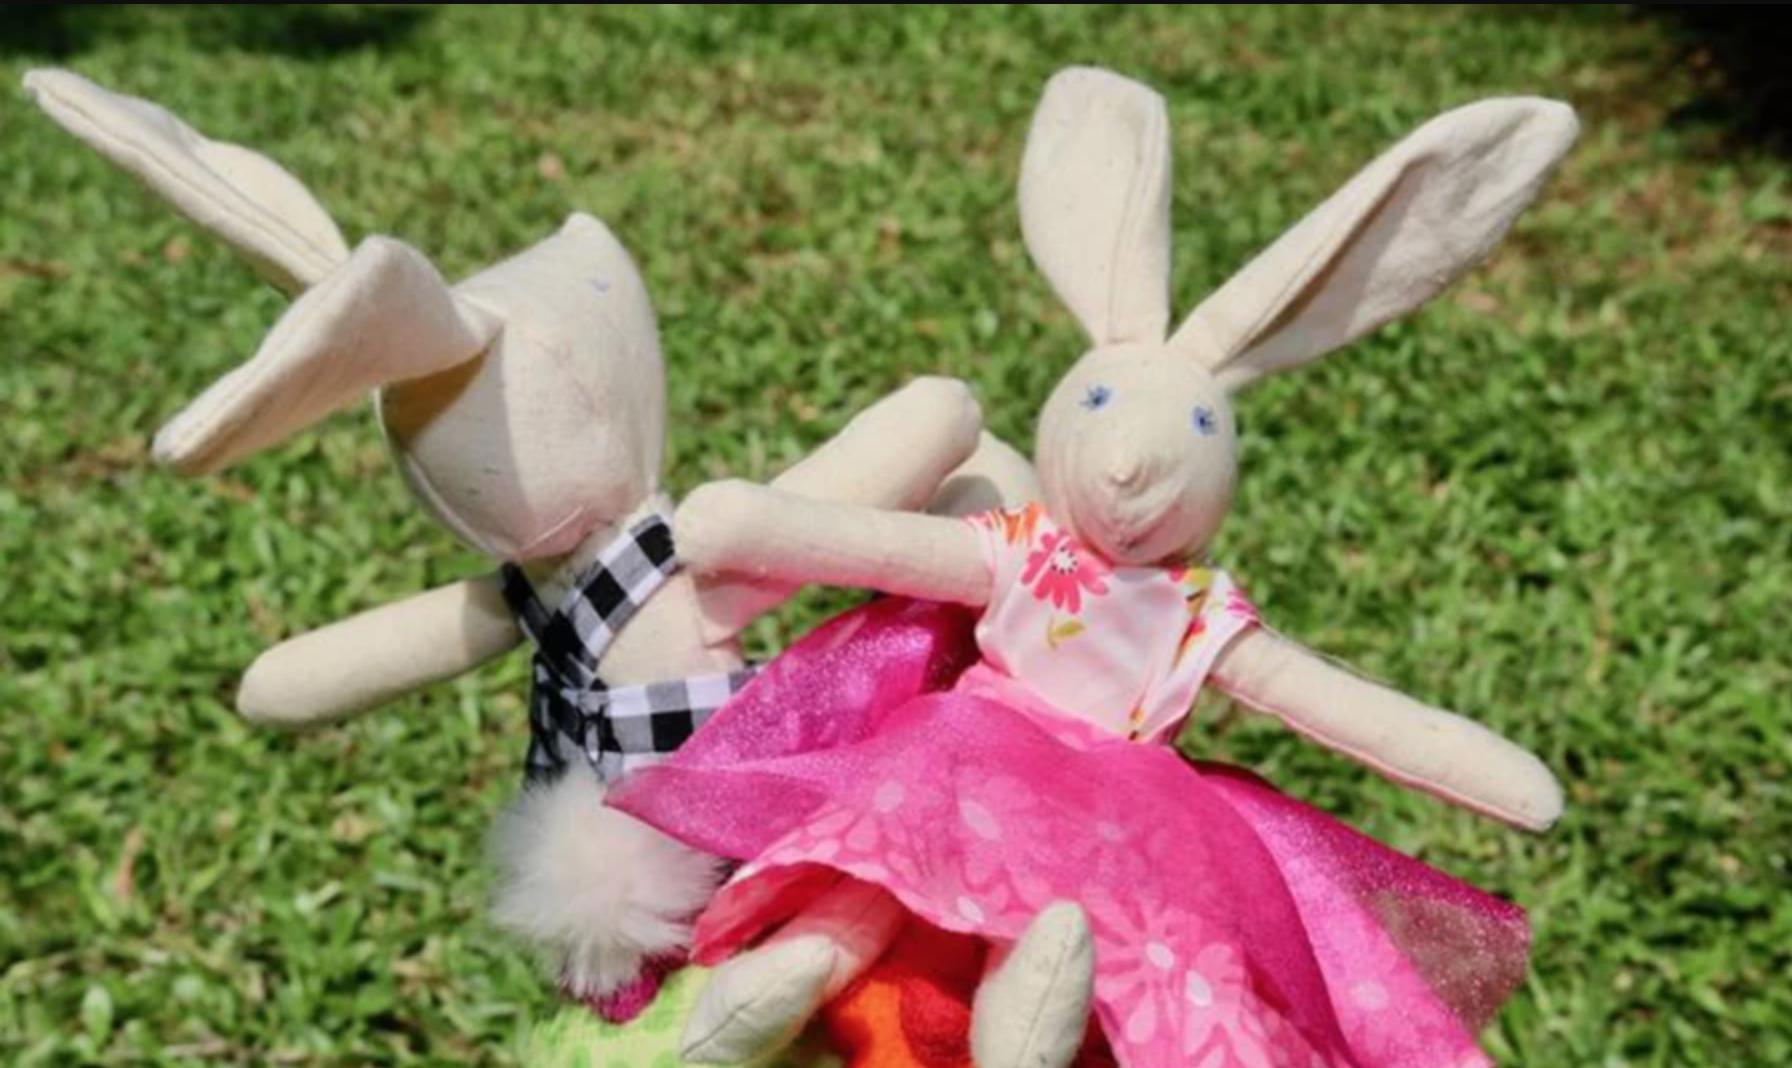 two send bunny dolls